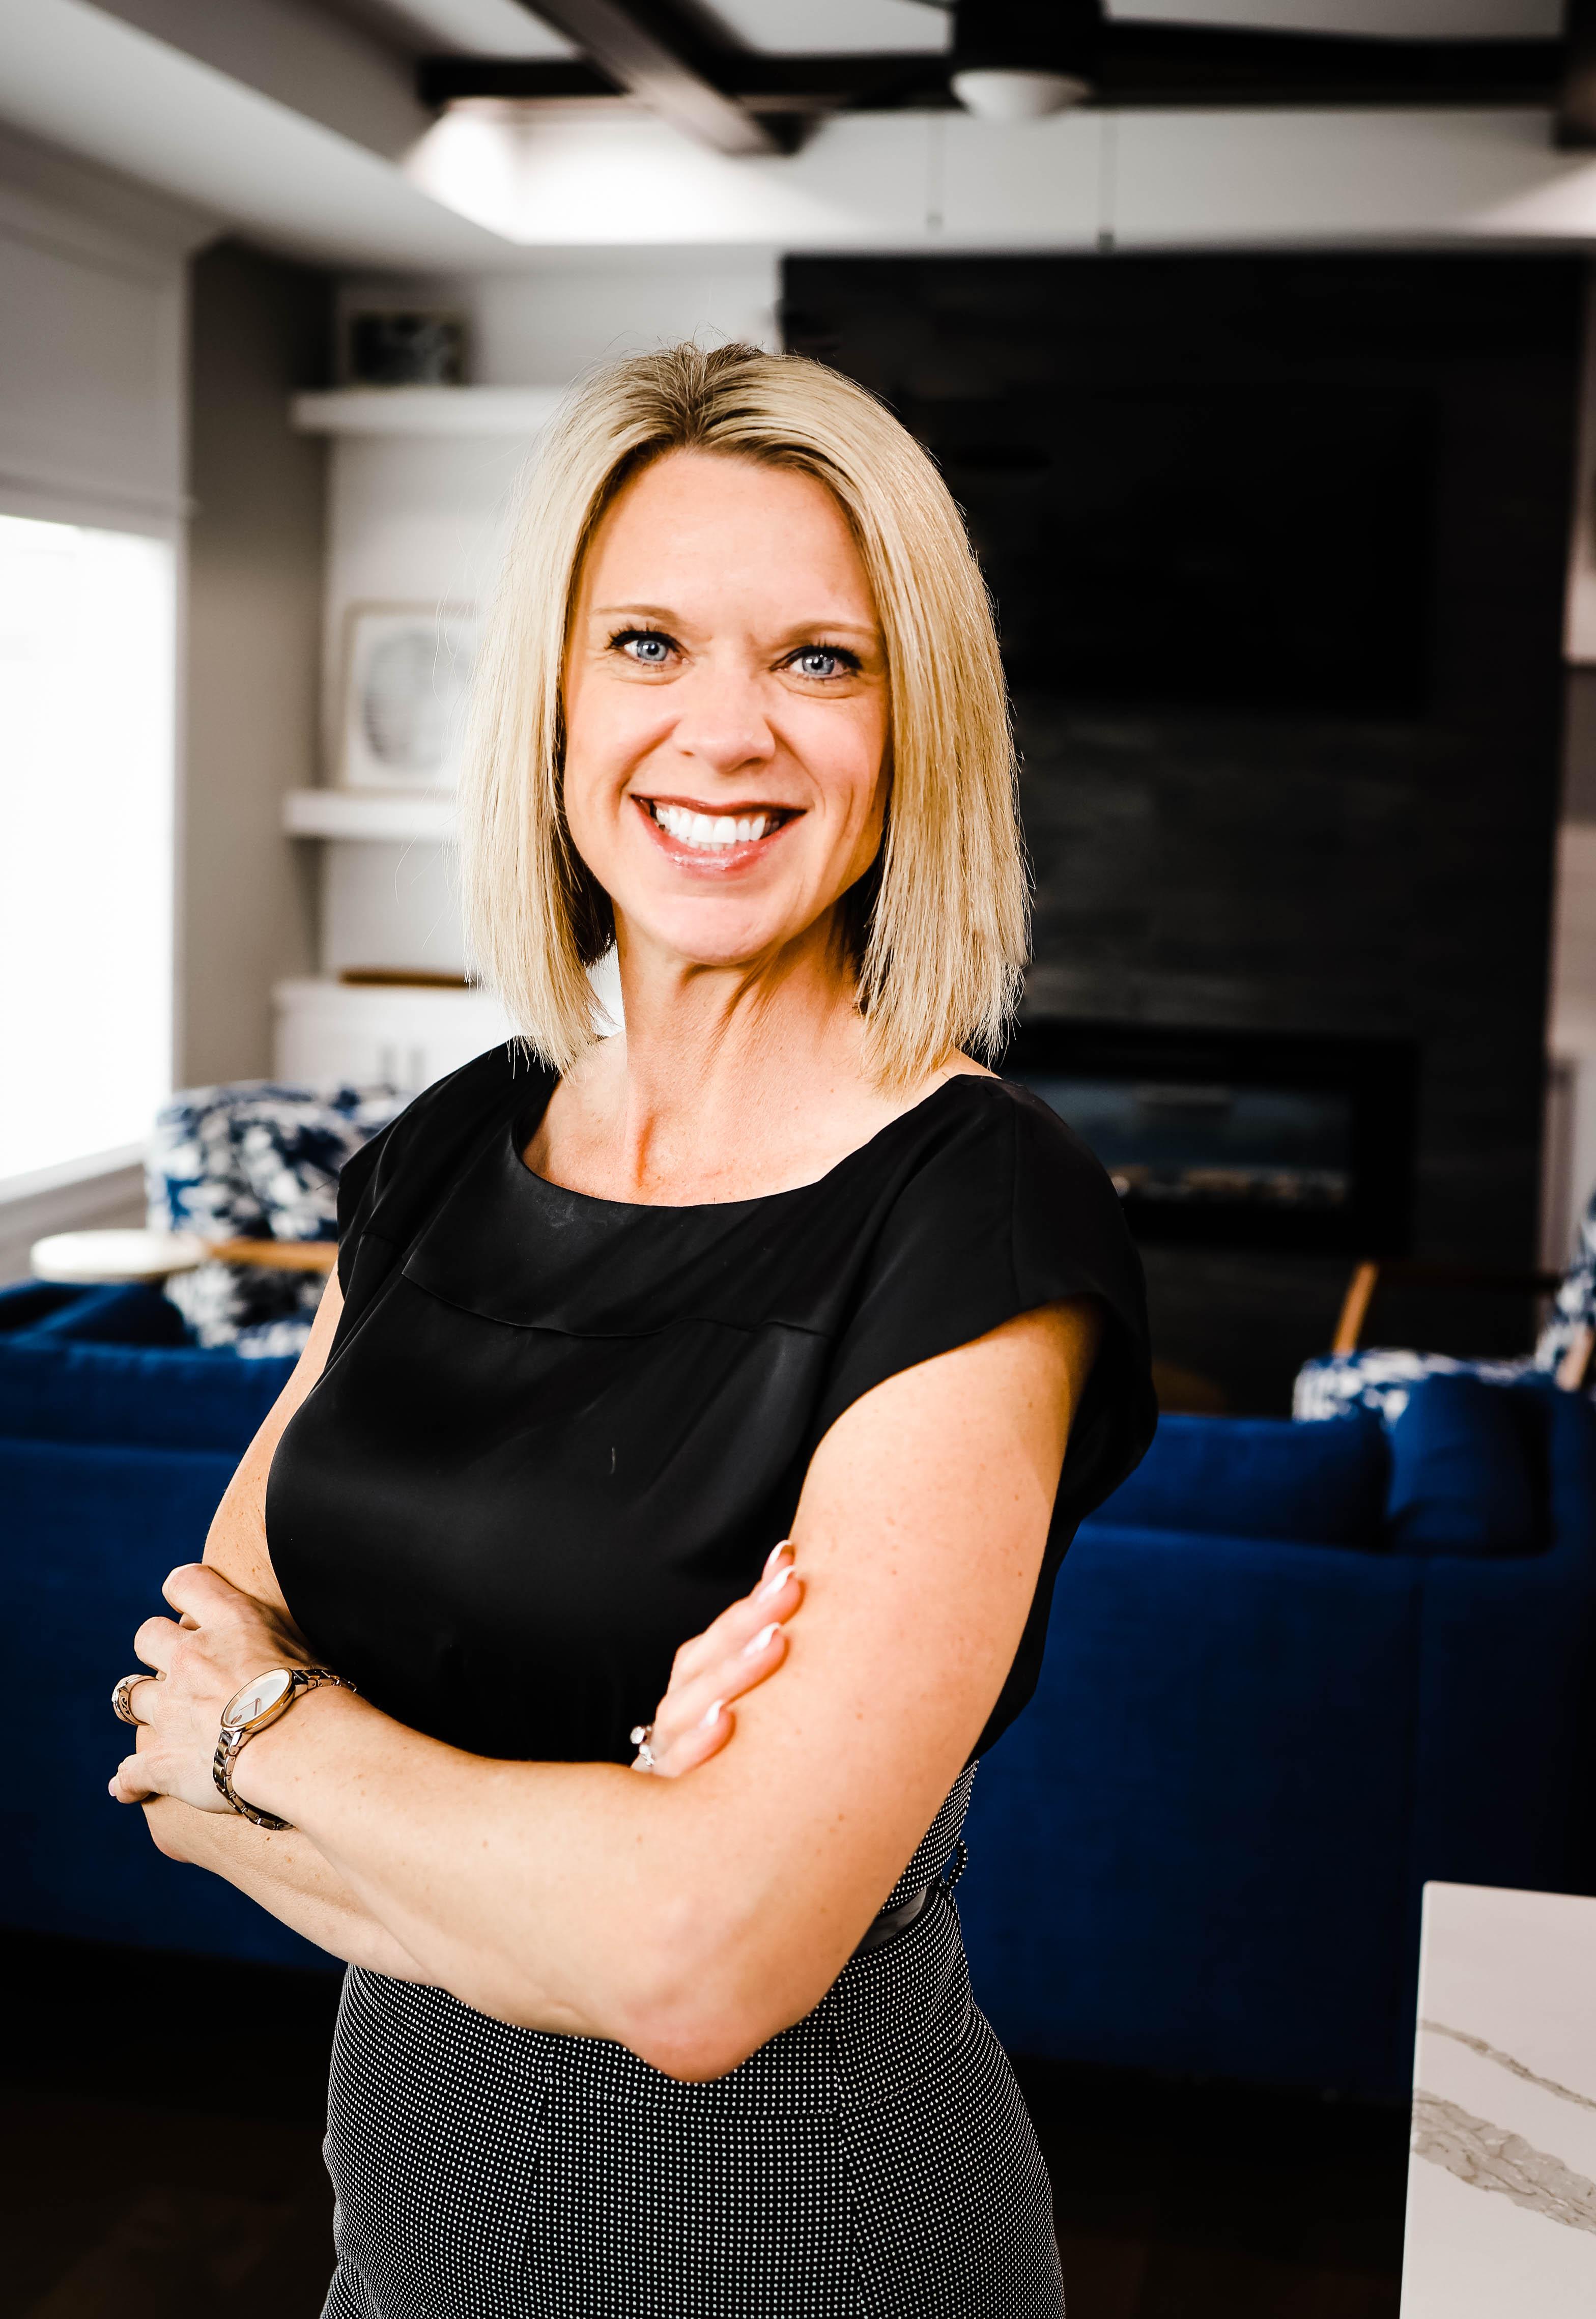 Kathy A. Swanson